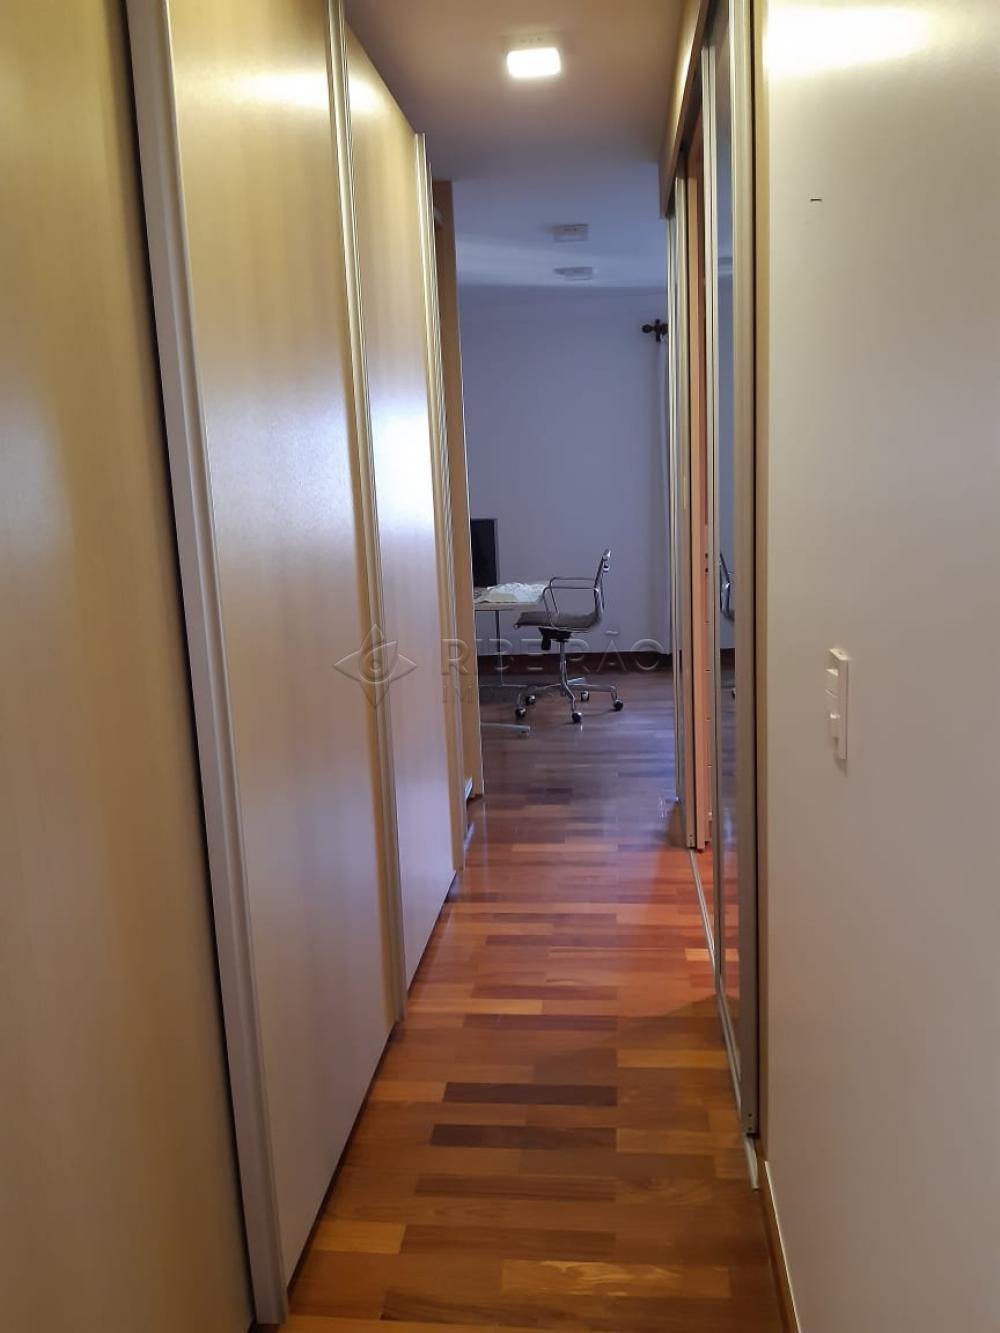 Comprar Apartamento / Padrão em Ribeirão Preto apenas R$ 1.400.000,00 - Foto 18